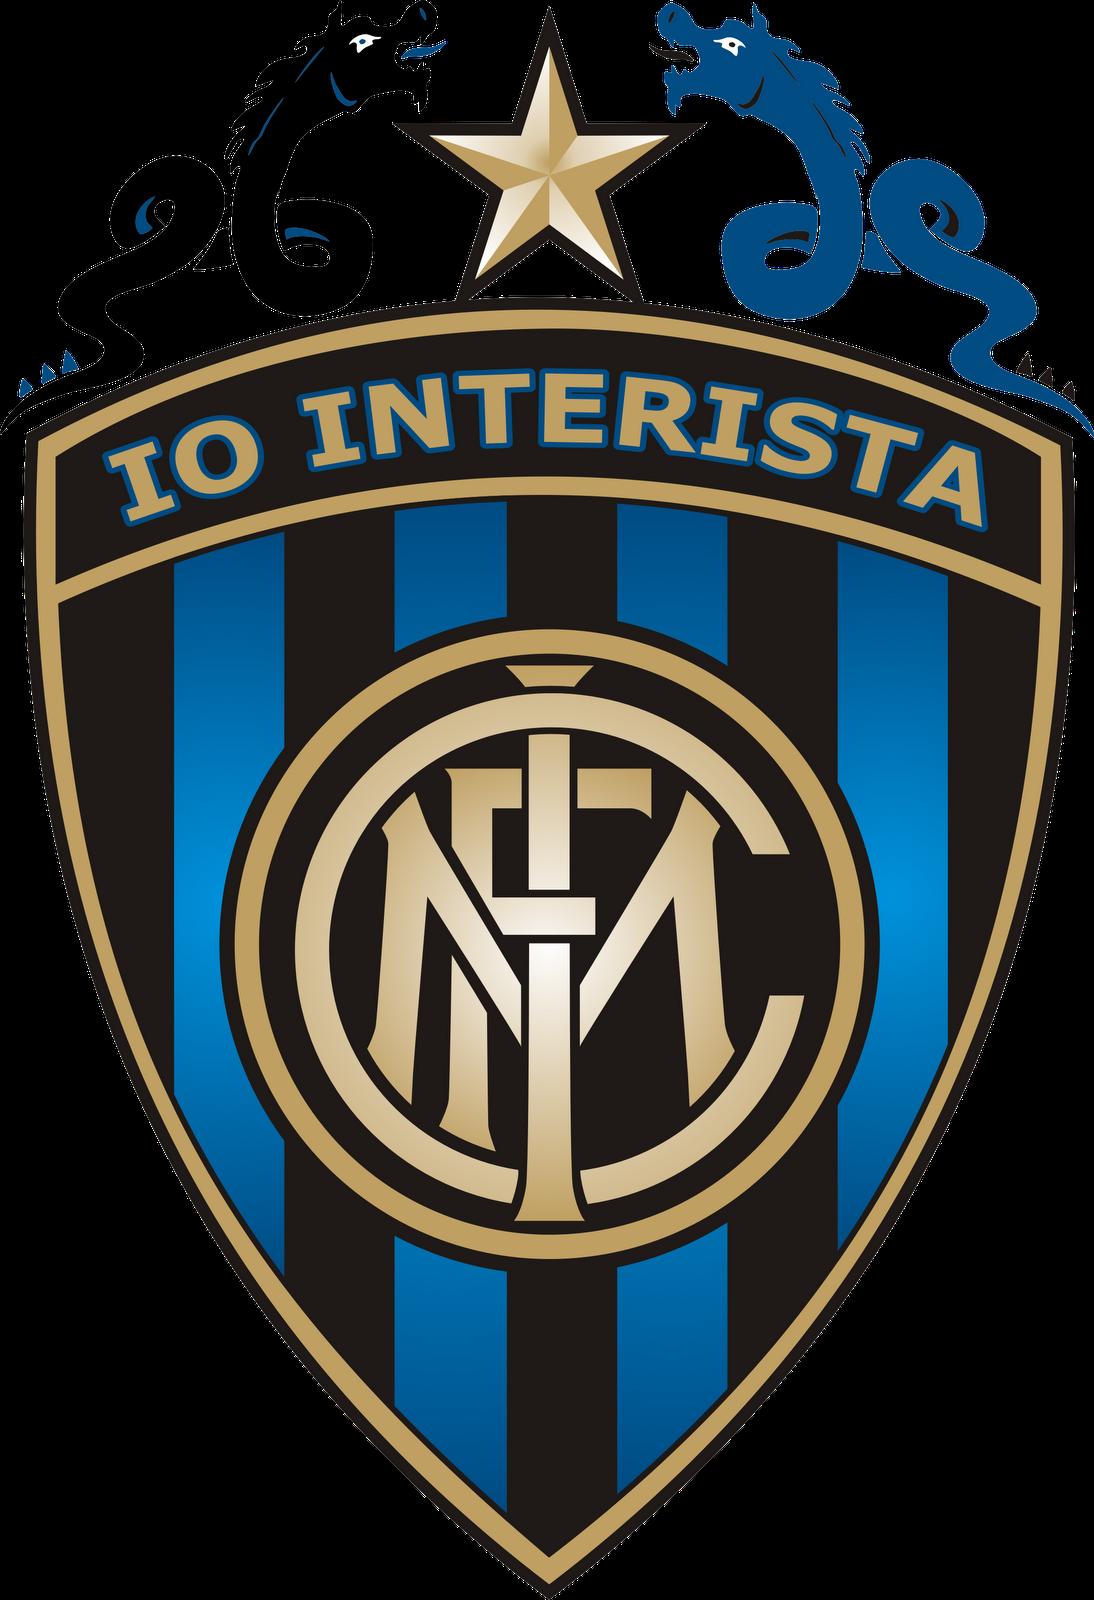 Inter Milan Free PNG Image.